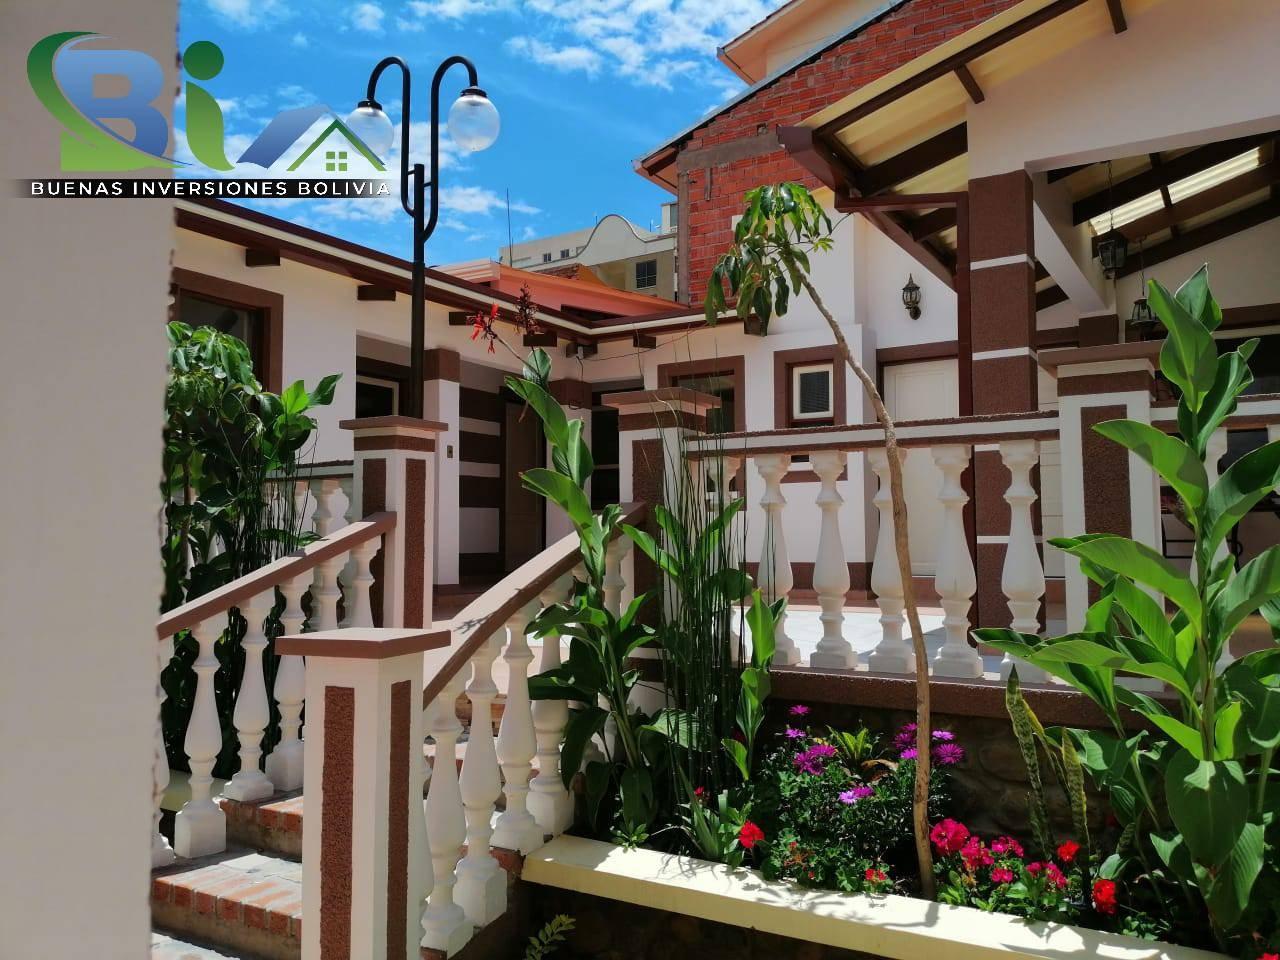 Casa en Venta $us 362.000.- CASA NUEVA PROX. PARQUE LINCOLN Foto 1